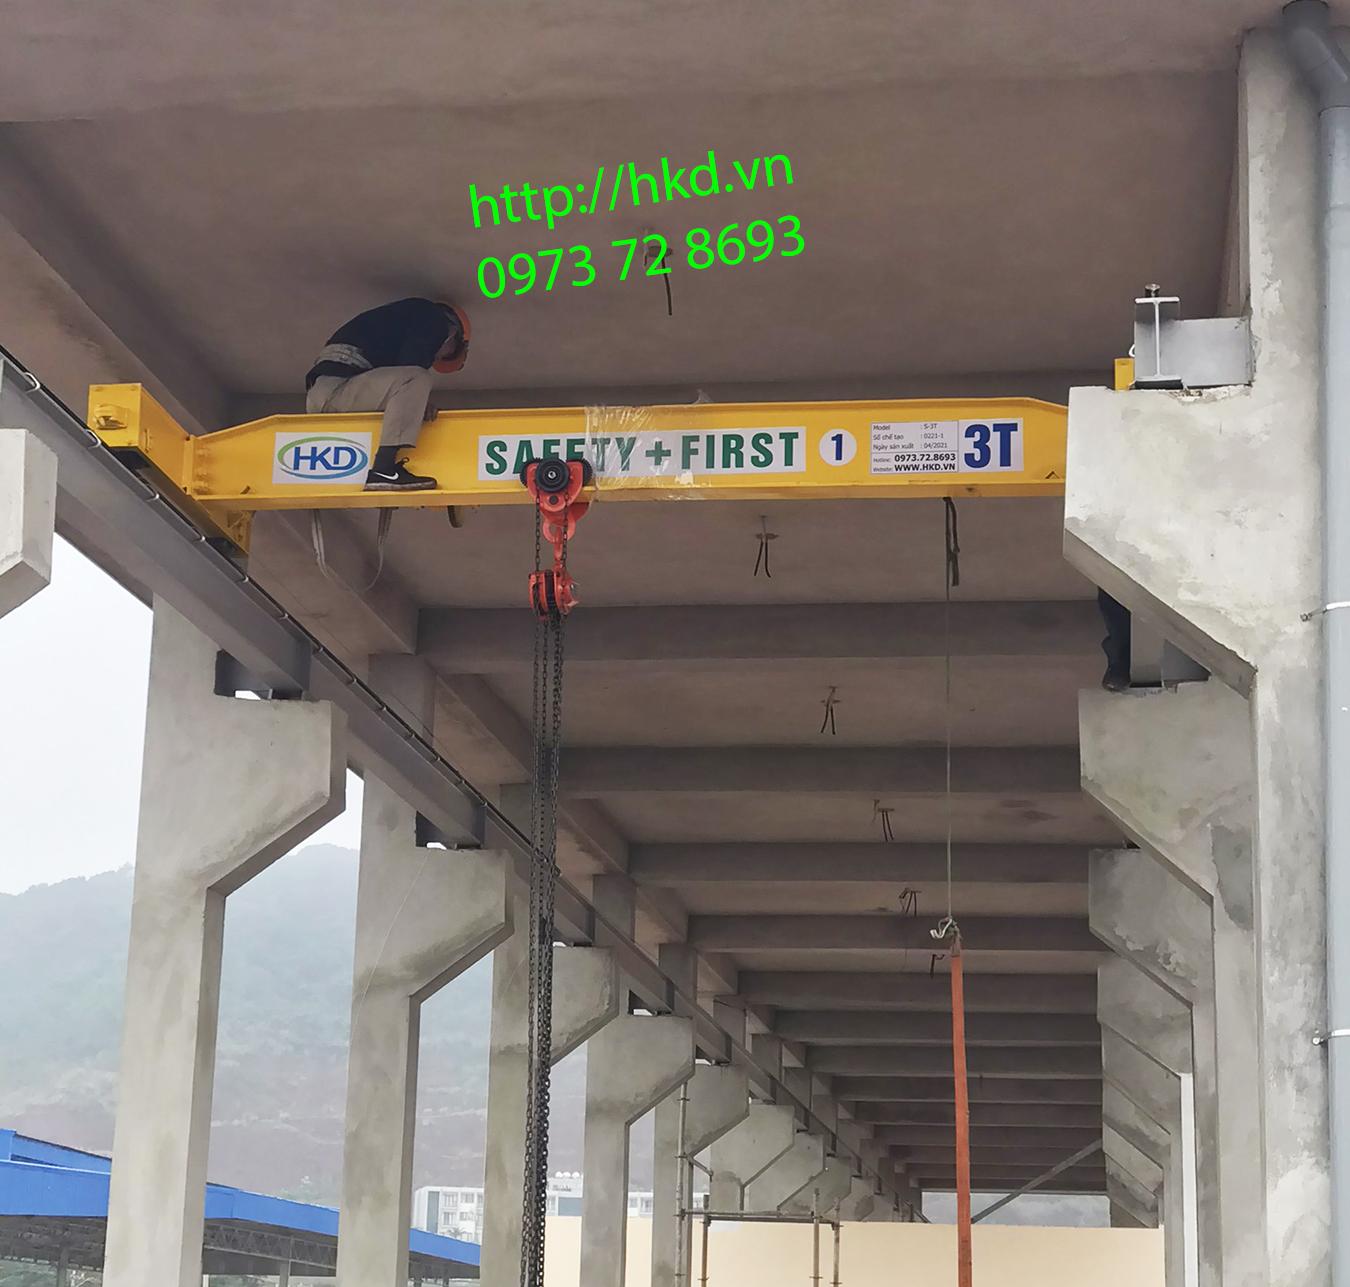 Cầu trục kéo tay 3 tấn, 5 tấn tại HKD